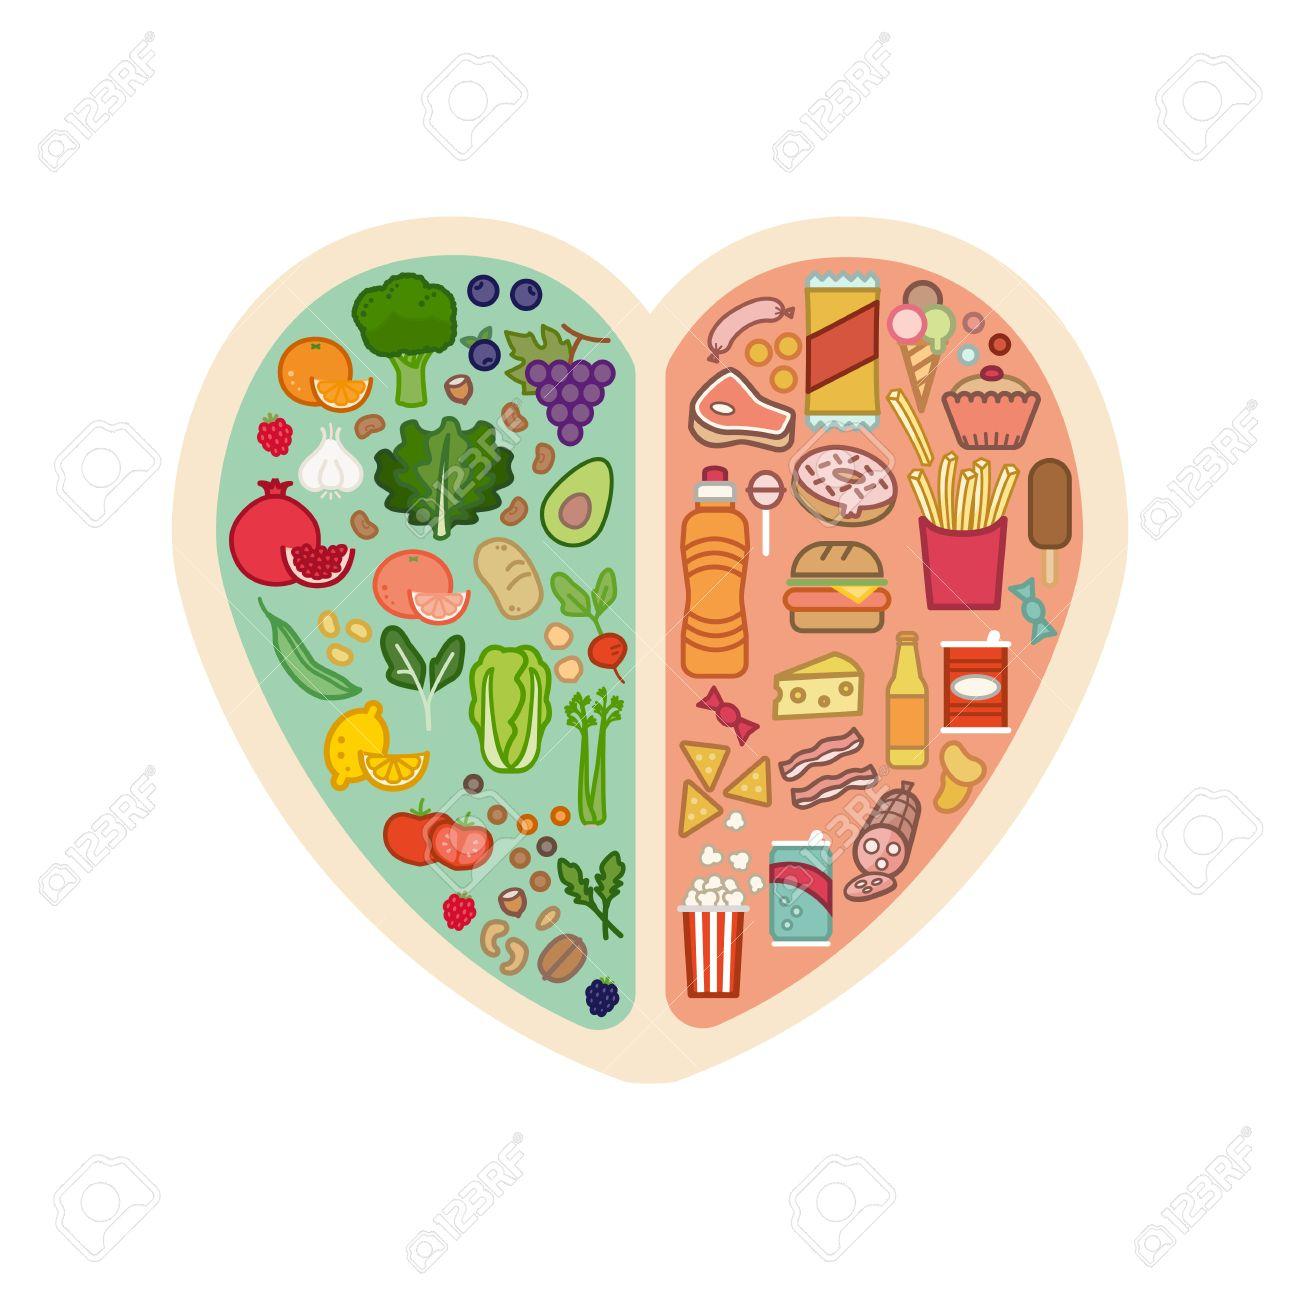 Corazón Humano Con Los Vehículos Sanos Frescos En Un Lado Y La Comida Chatarra Poco Saludable Por Otro Lado Alimentos Saludables Para El Corazón Concepto Ilustraciones Vectoriales Clip Art Vectorizado Libre De